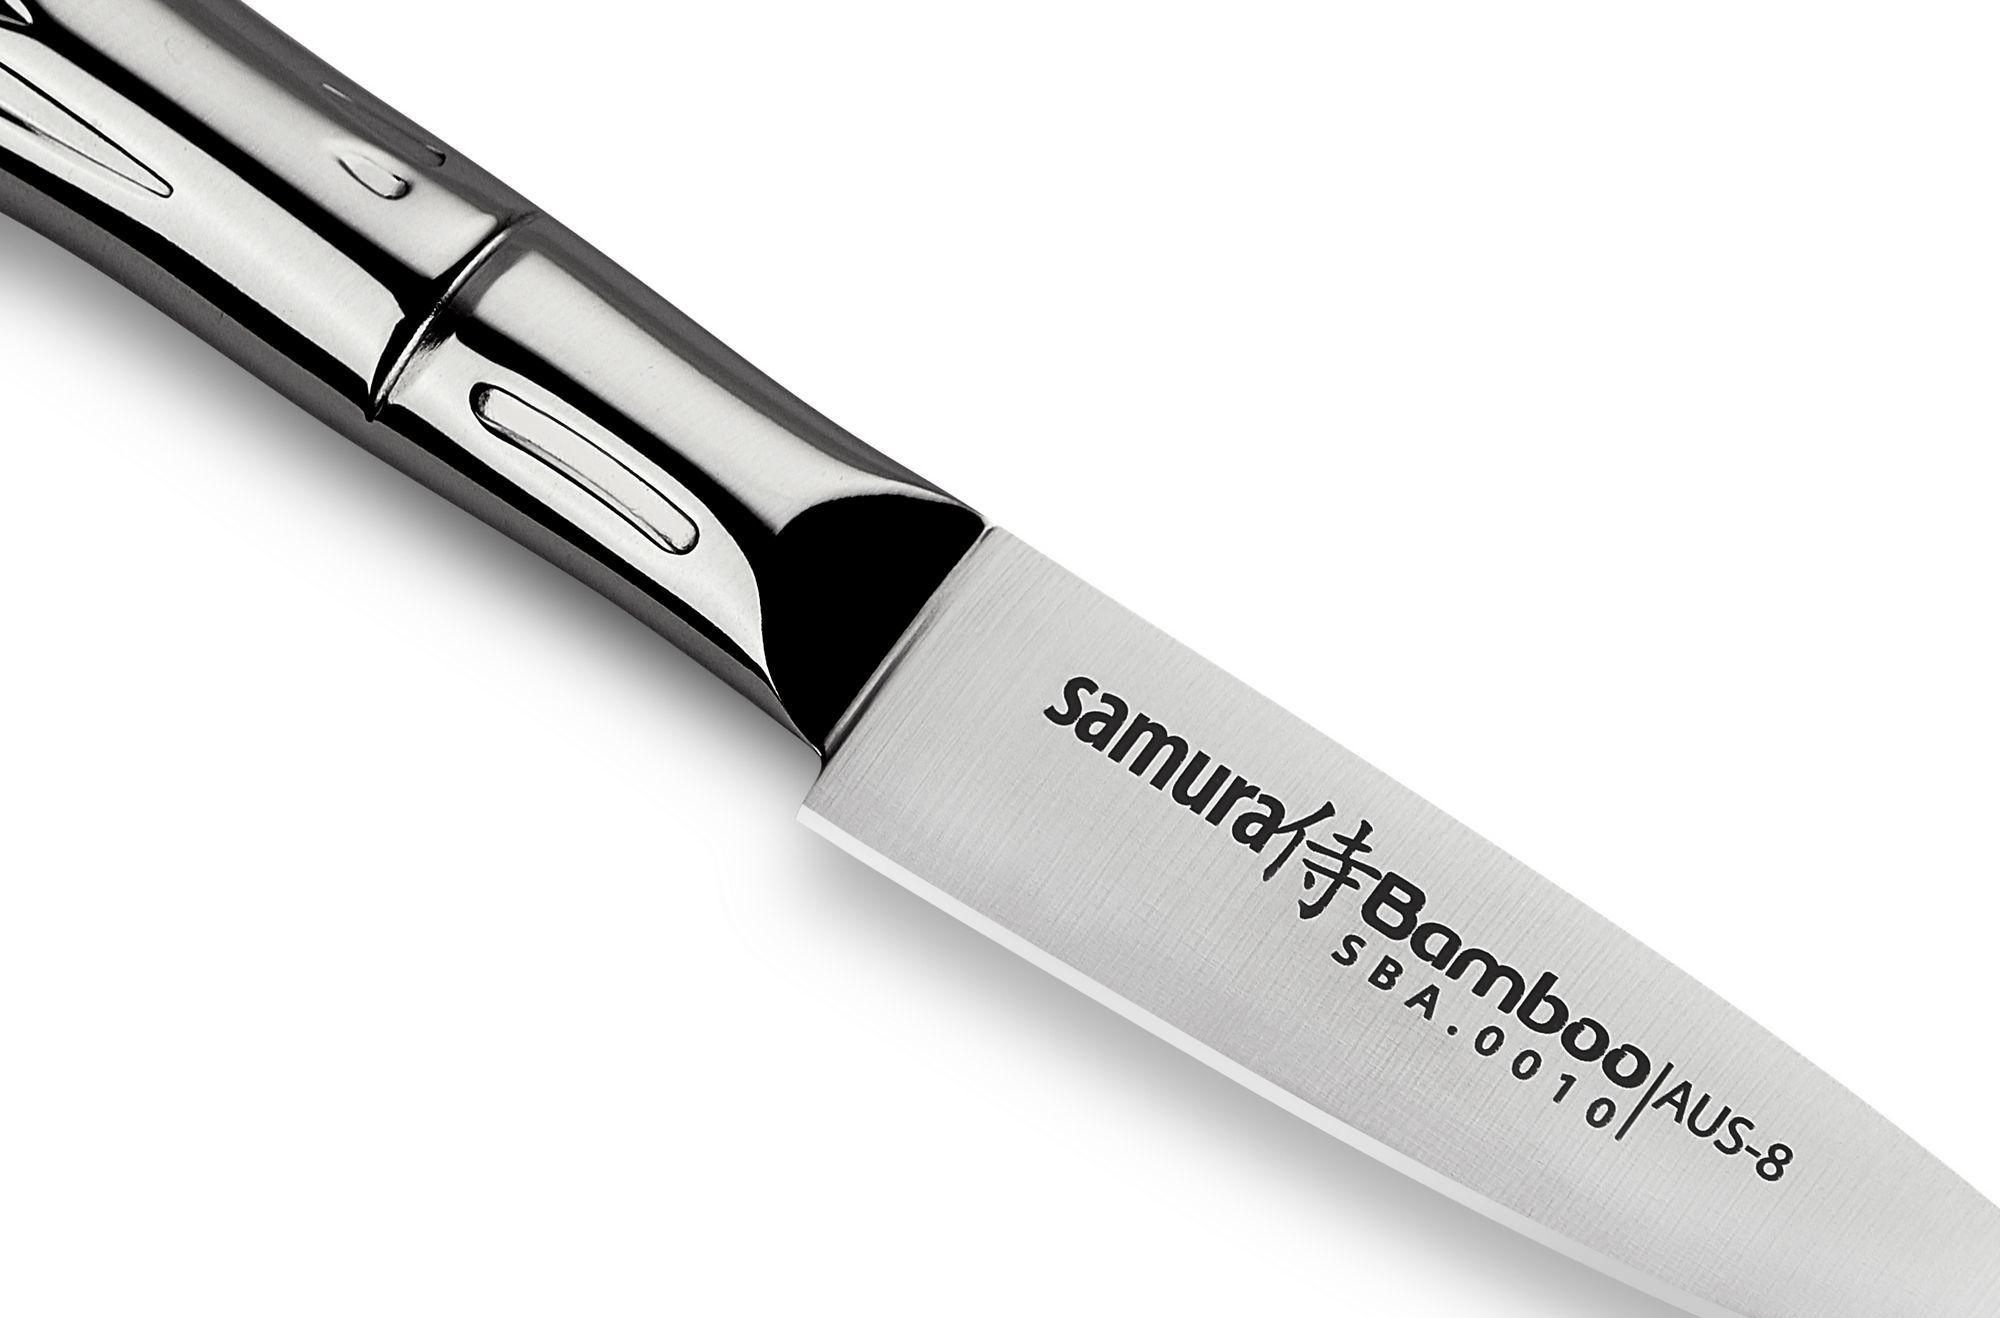 Фото 3 - Нож кухонный овощной Samura Bamboo SBA-0010/Y, сталь AUS-8